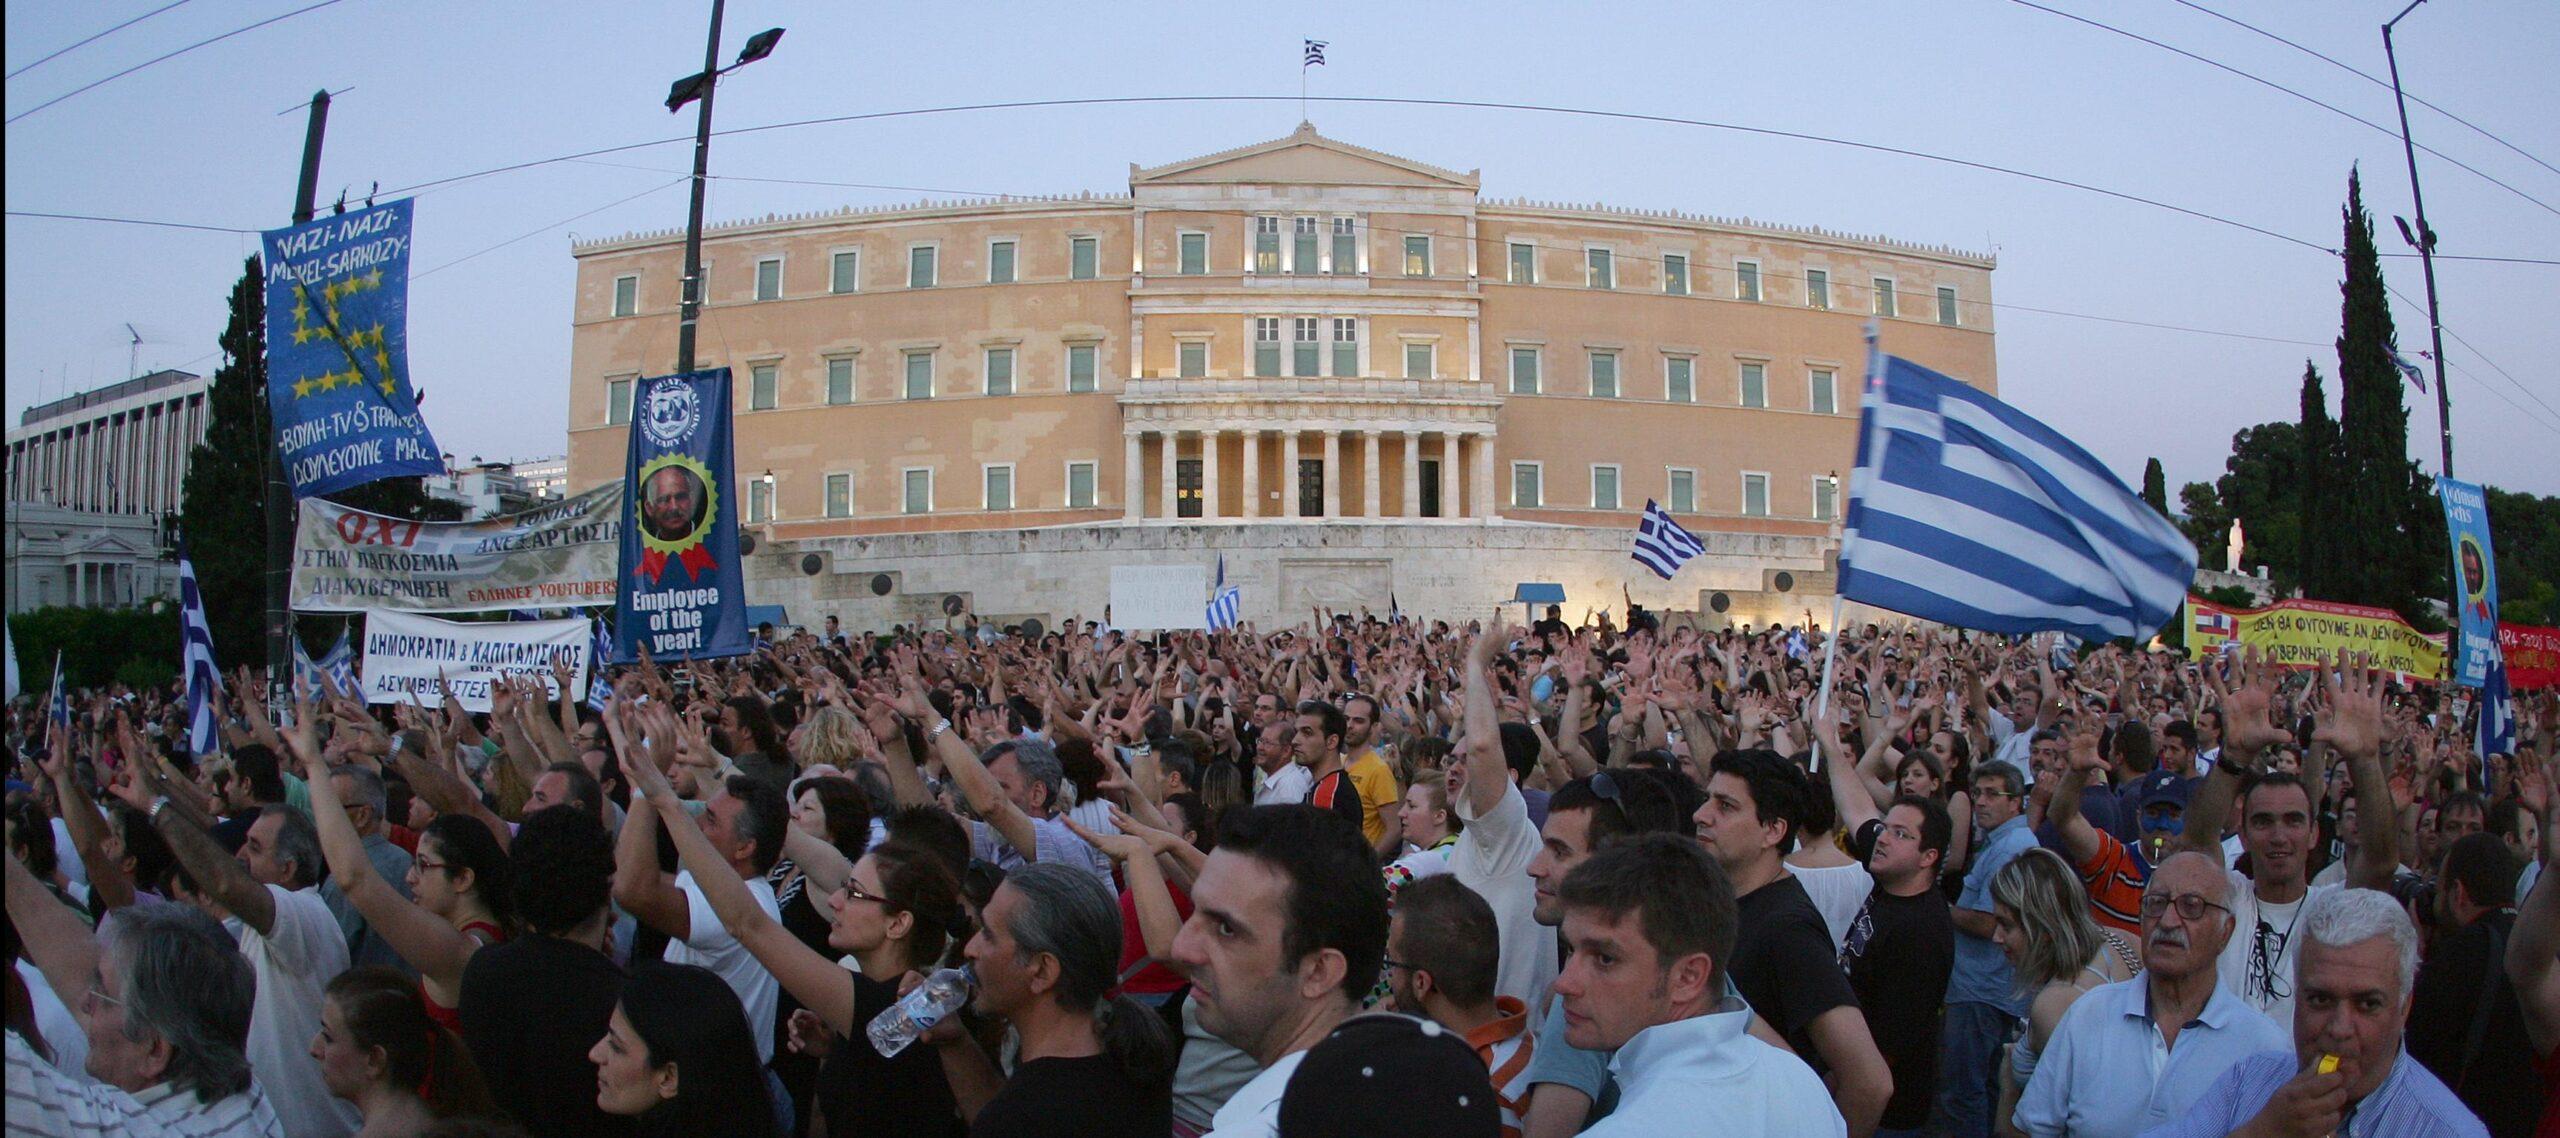 Η χώρα σε κατάσταση έκτακτης ανάγκης: Ο λαός καλείται να υπερασπιστεί το σύνταγμα!